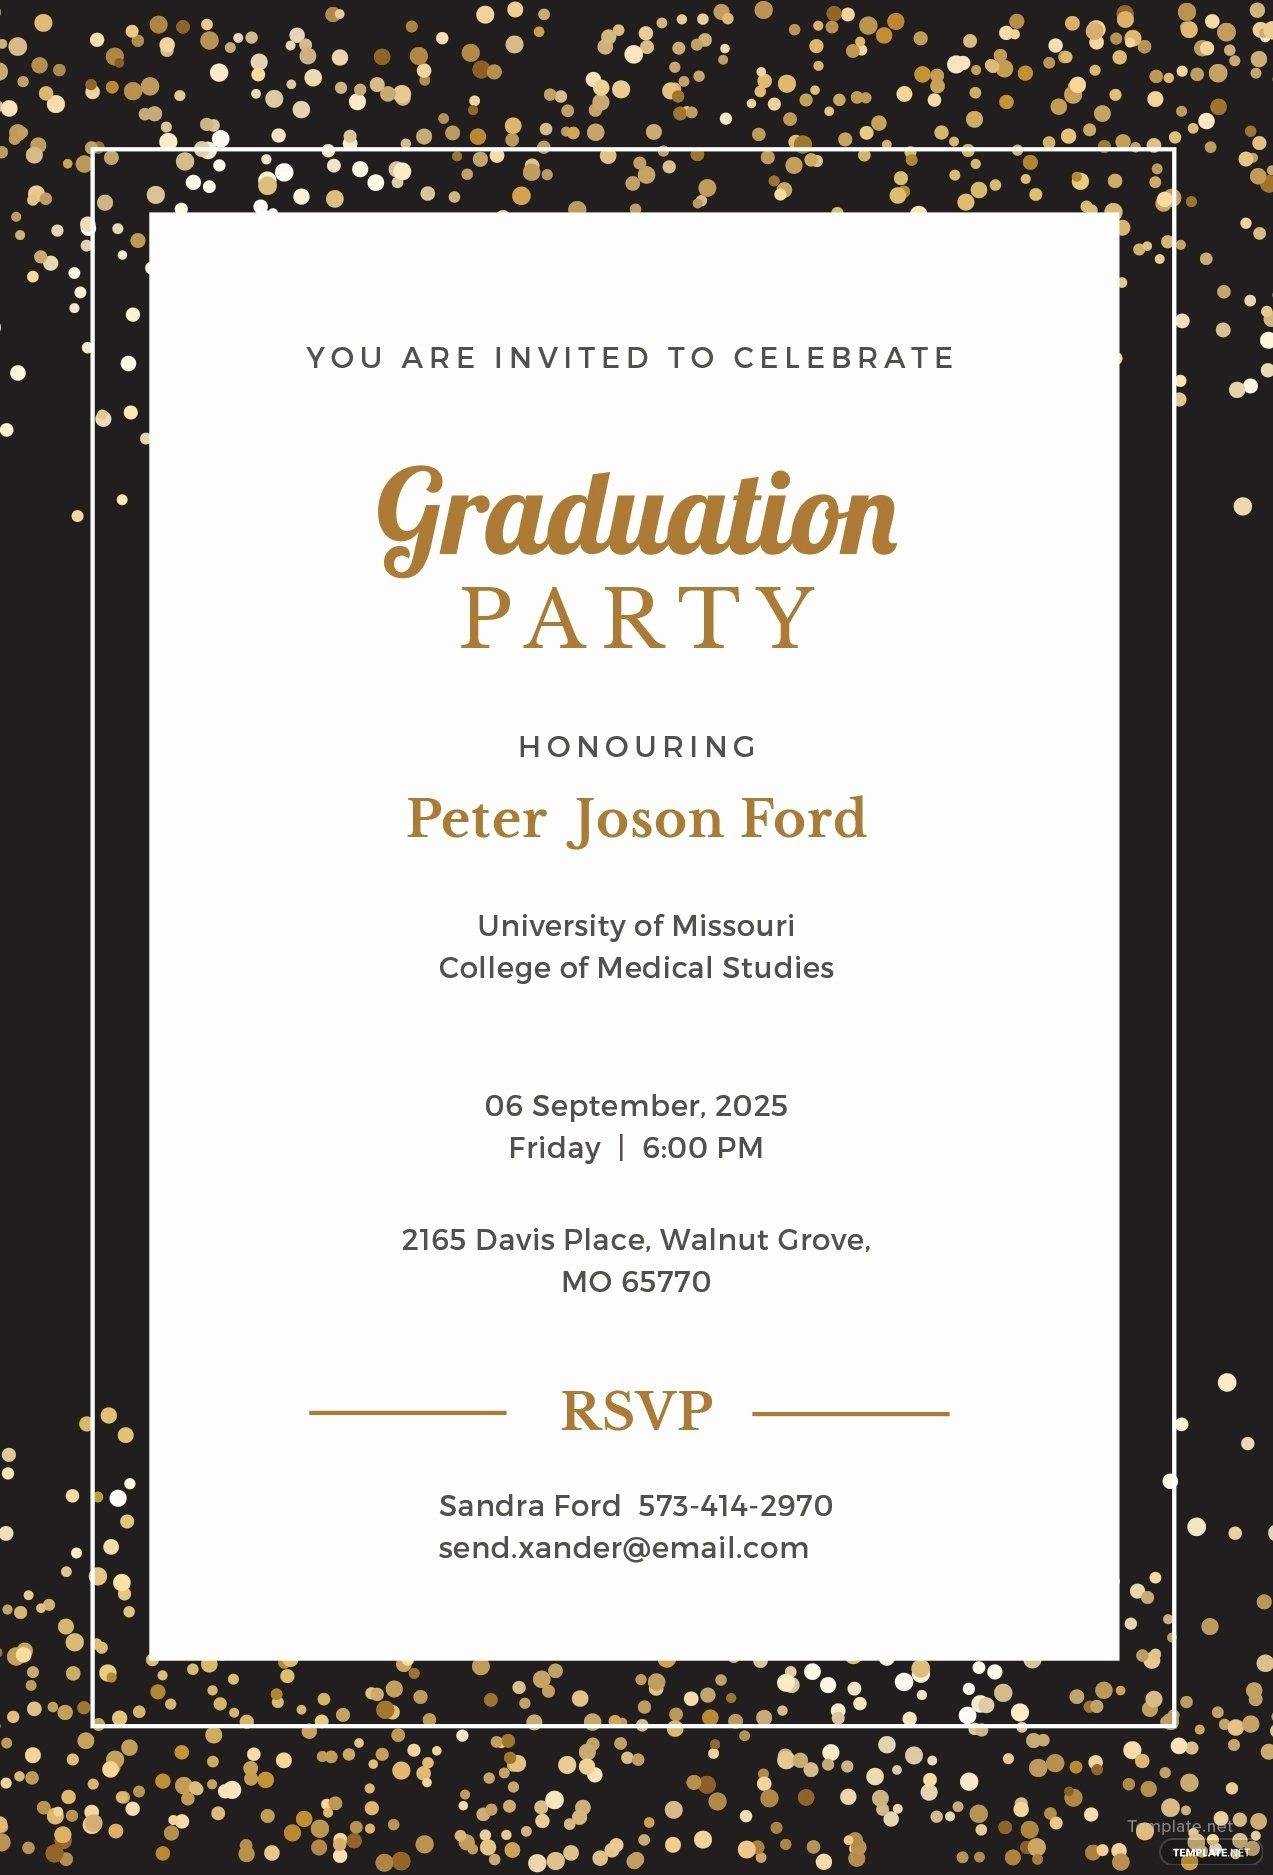 Graduation Invitation Template Word Luxury Free Simple Graduation Invitation Template In Microsoft